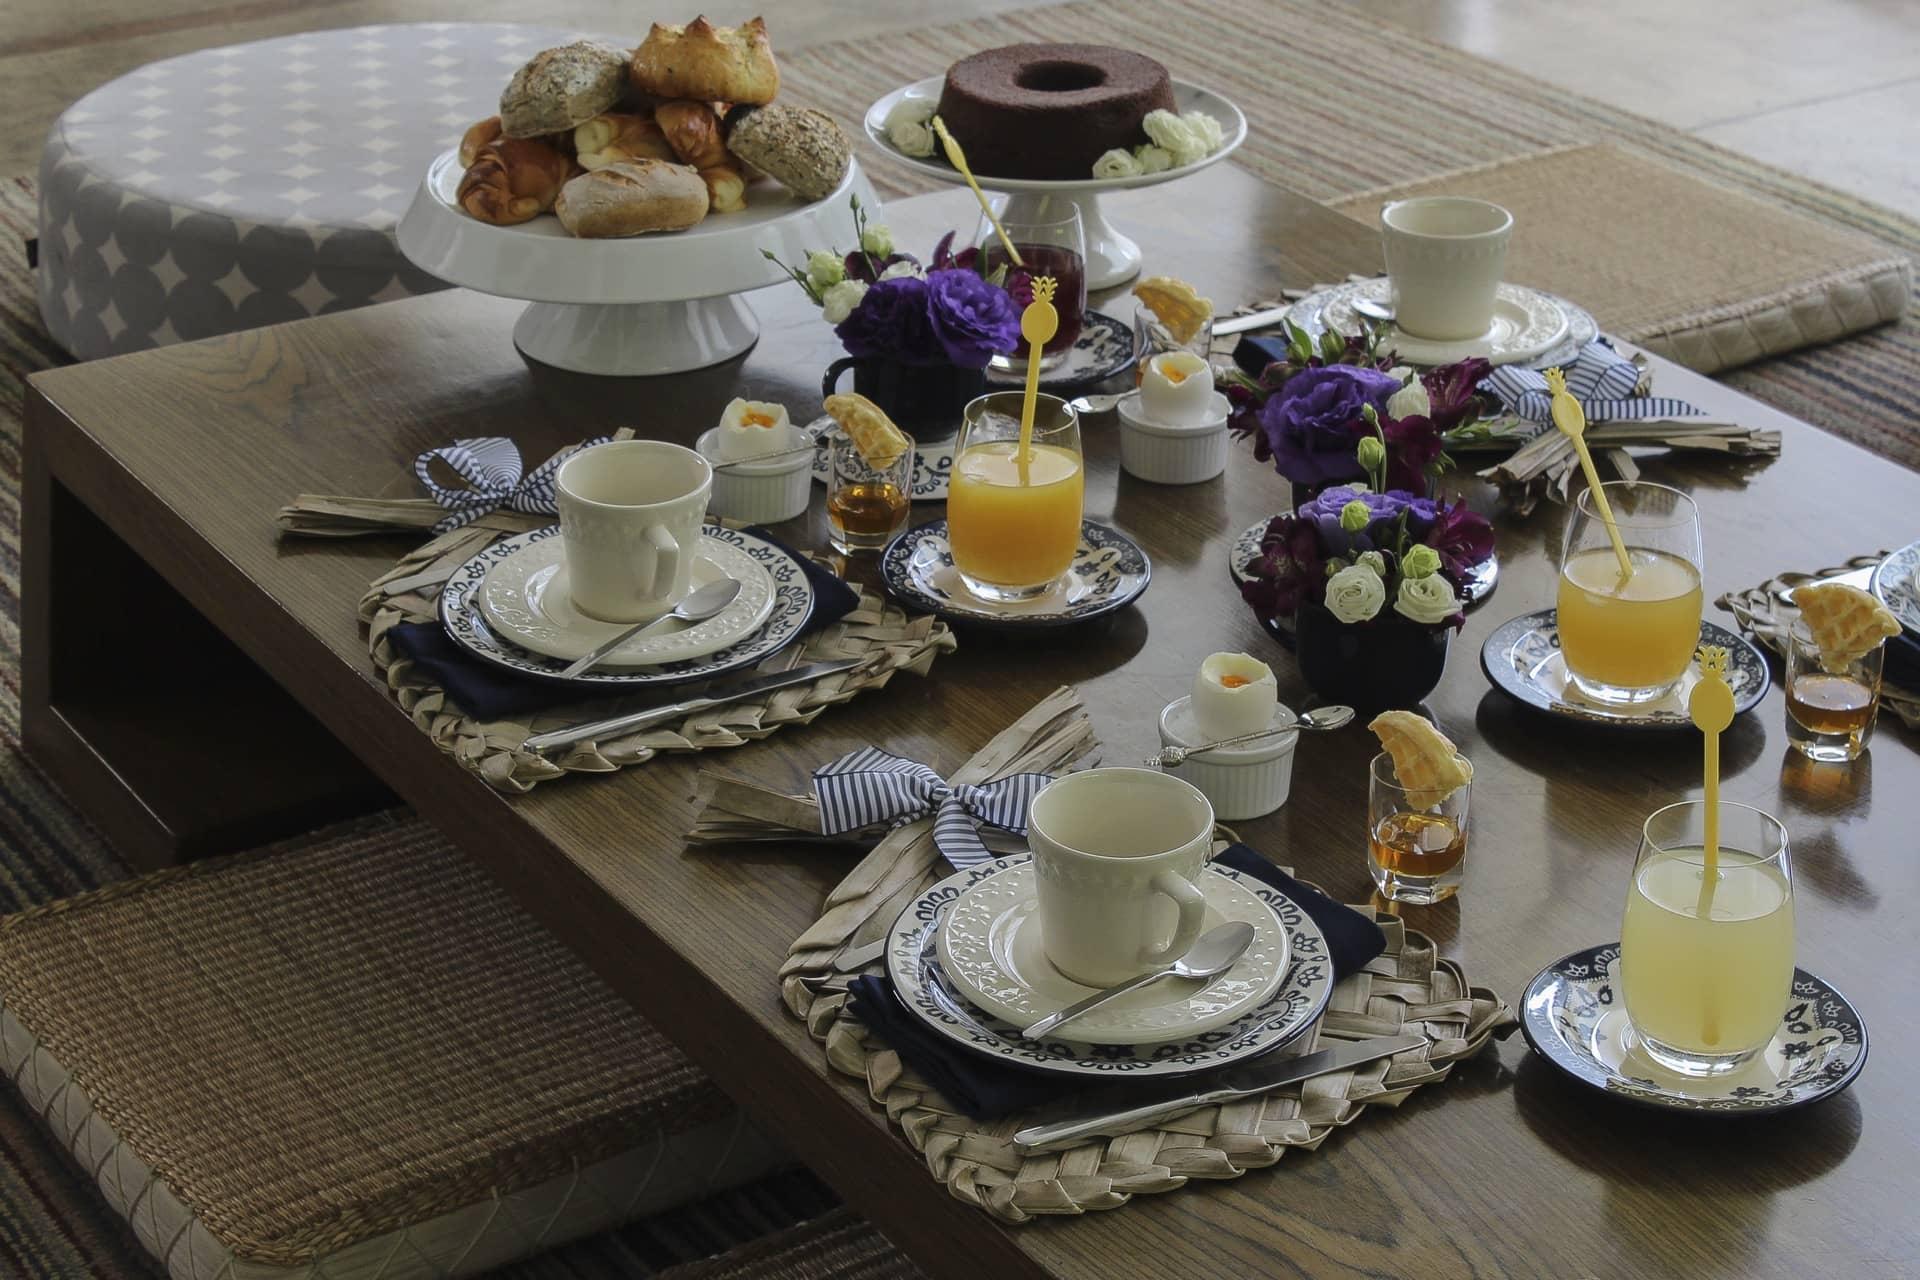 Imagem: Informal e colorido, o café da manhã na mesa da sala convida a um bate papo prolongado. Perfeito para o final de semana! Foto: Cacá Bratke